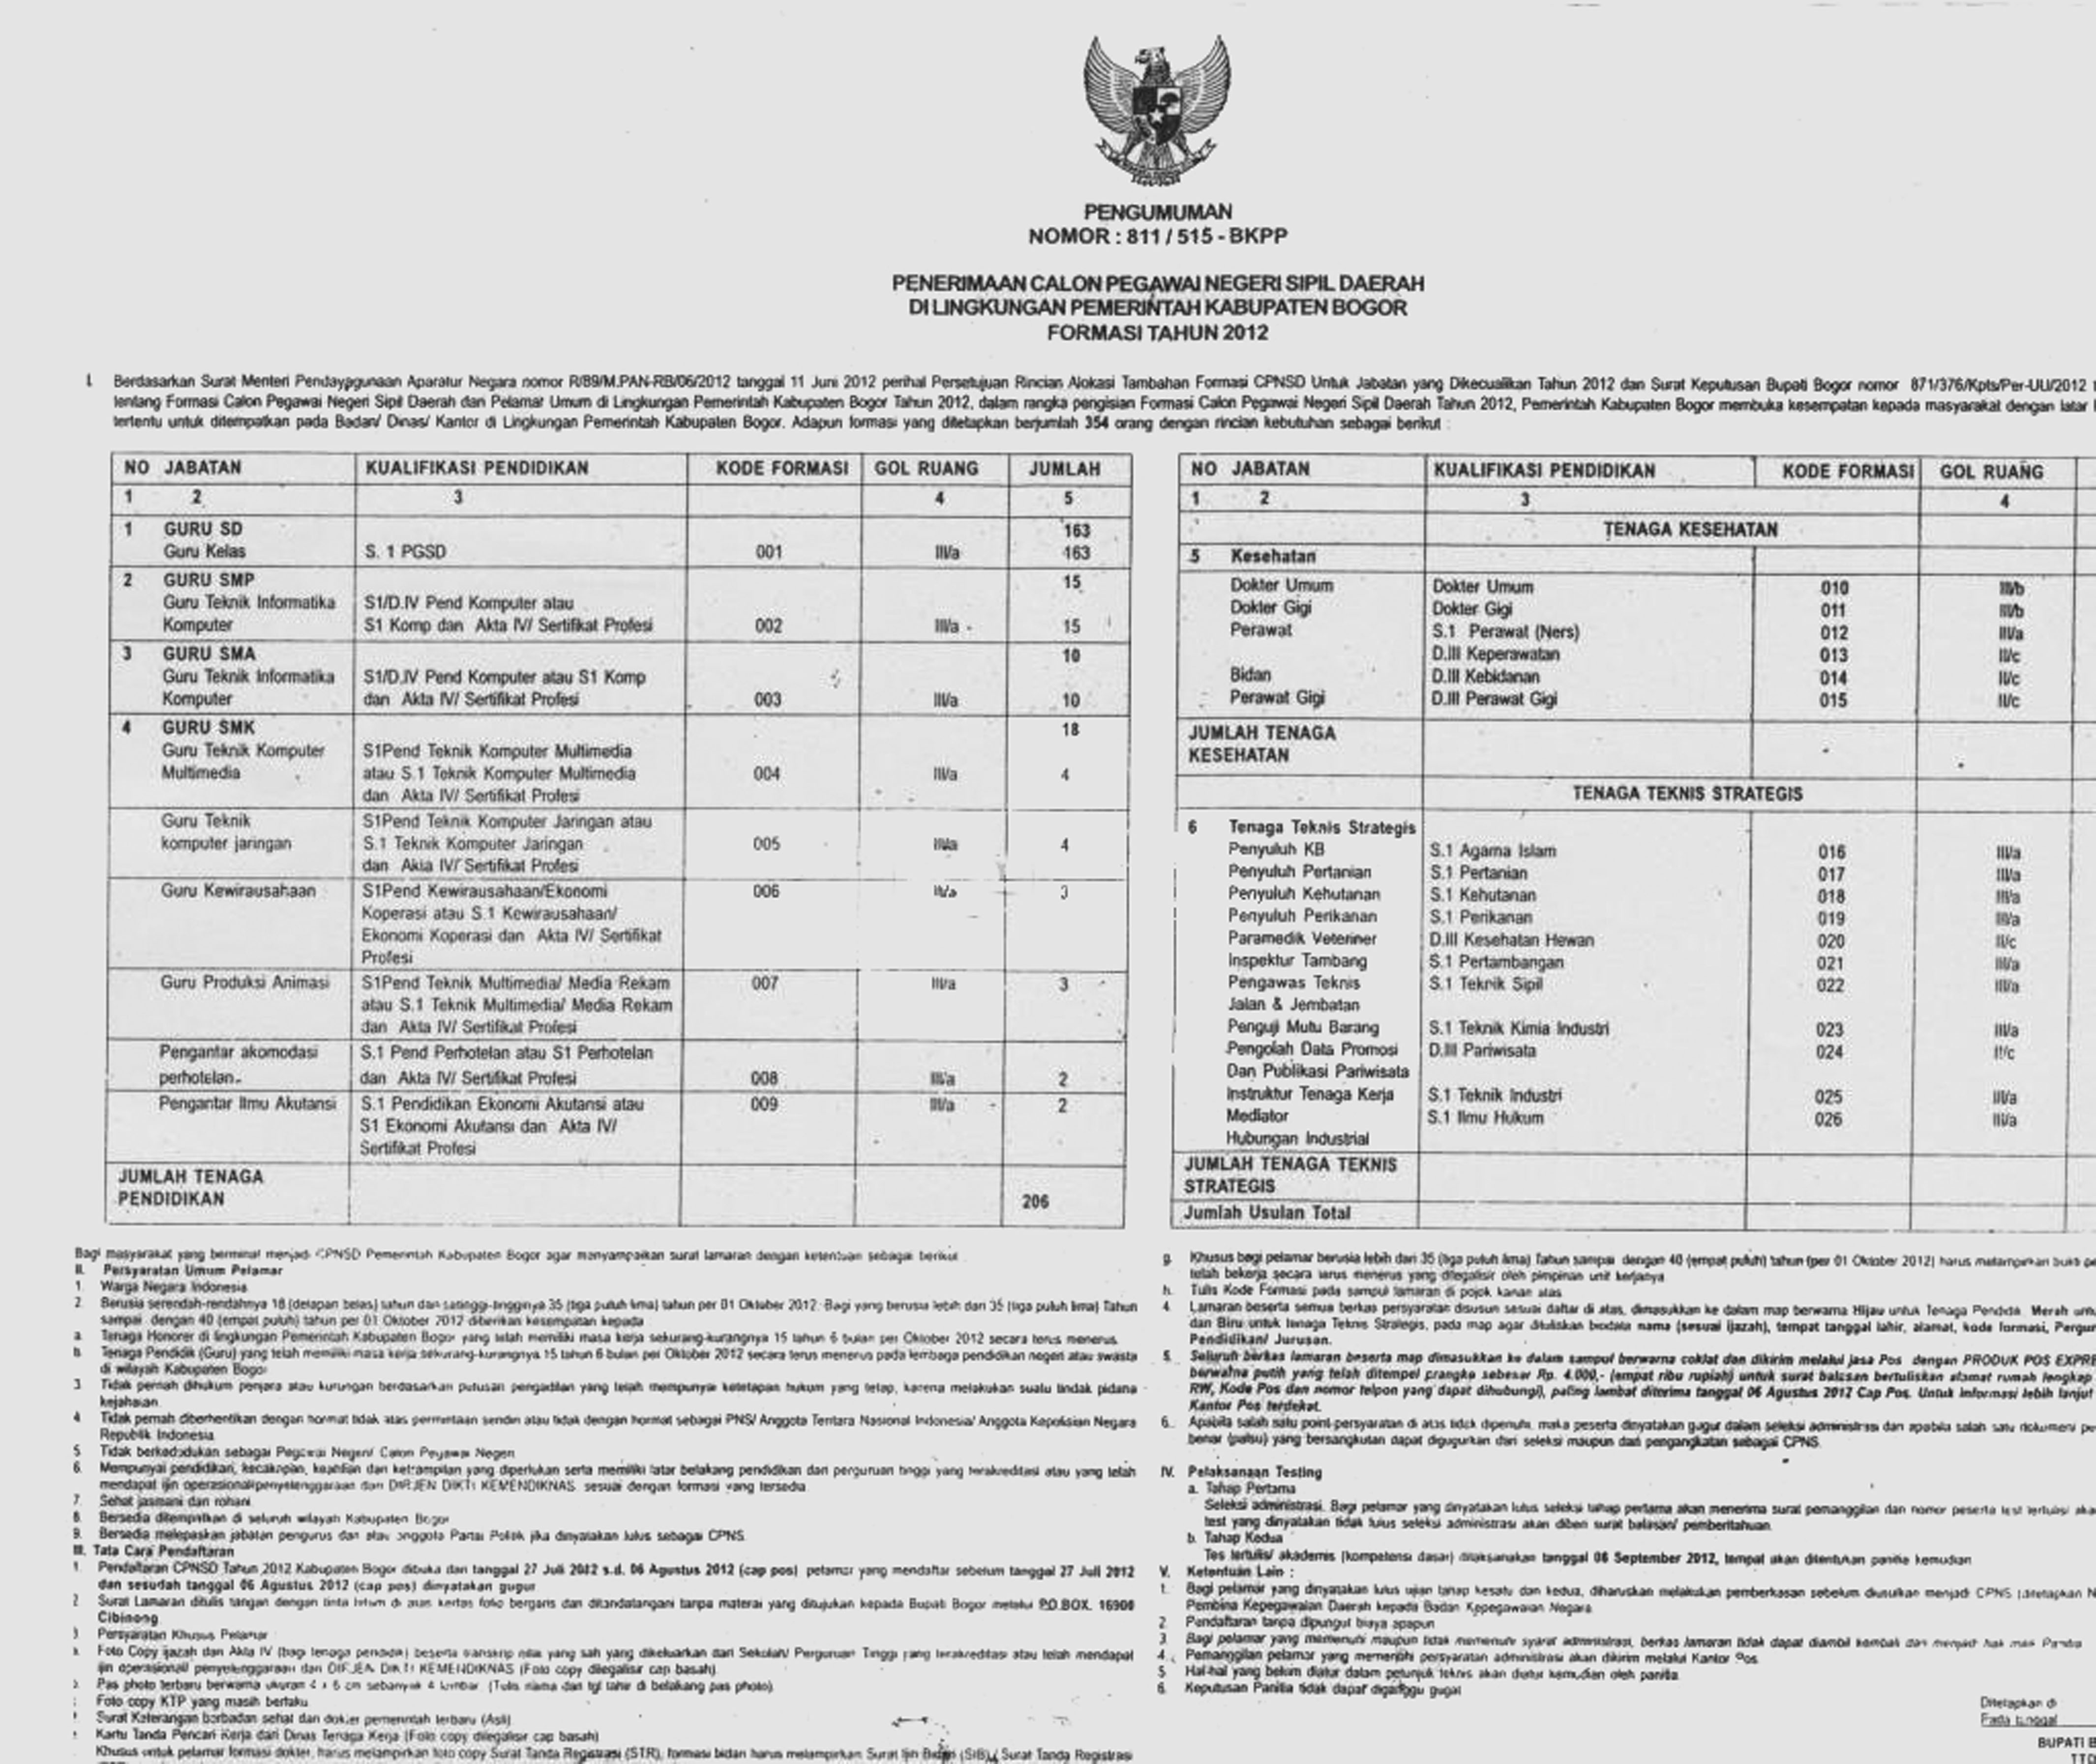 Lowongan Kerja Guru Di Kabupaten Bogor Lowongan Kerja Klik Karir Lowongan Kerja Cpns Kab Bogor Exp 06 Agustus 2012 Saffa